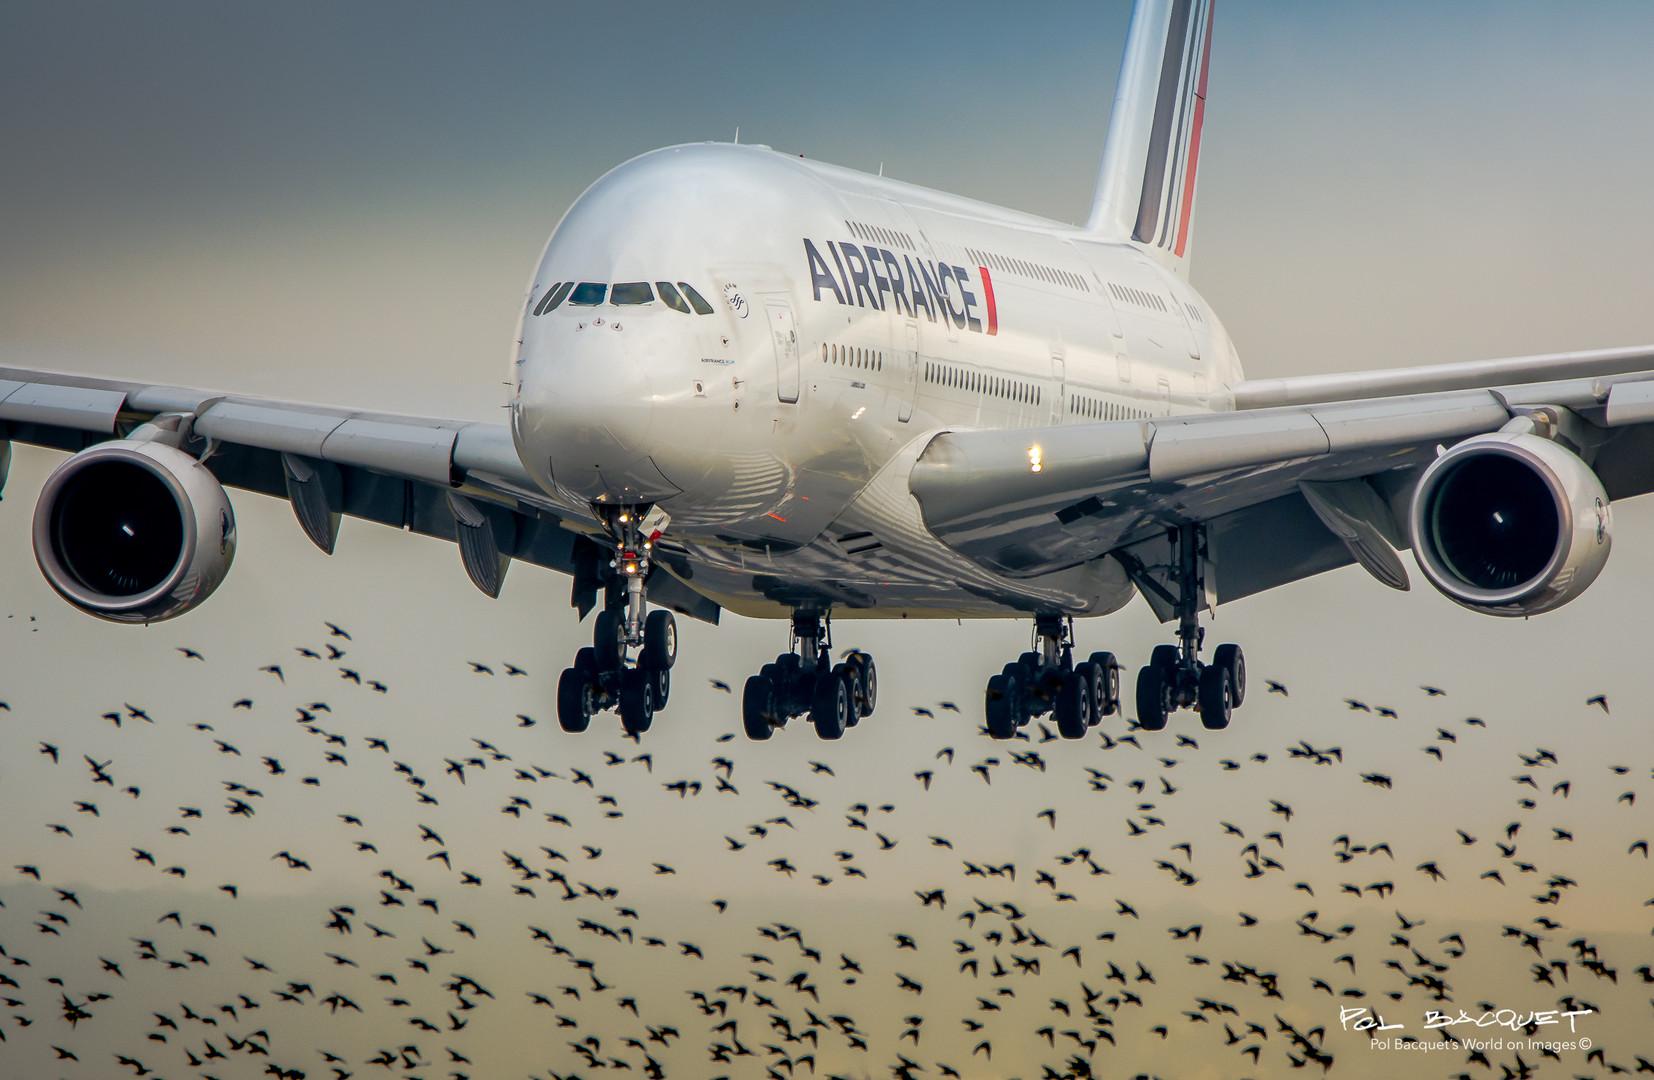 Airbus A 380, POL BACQUET